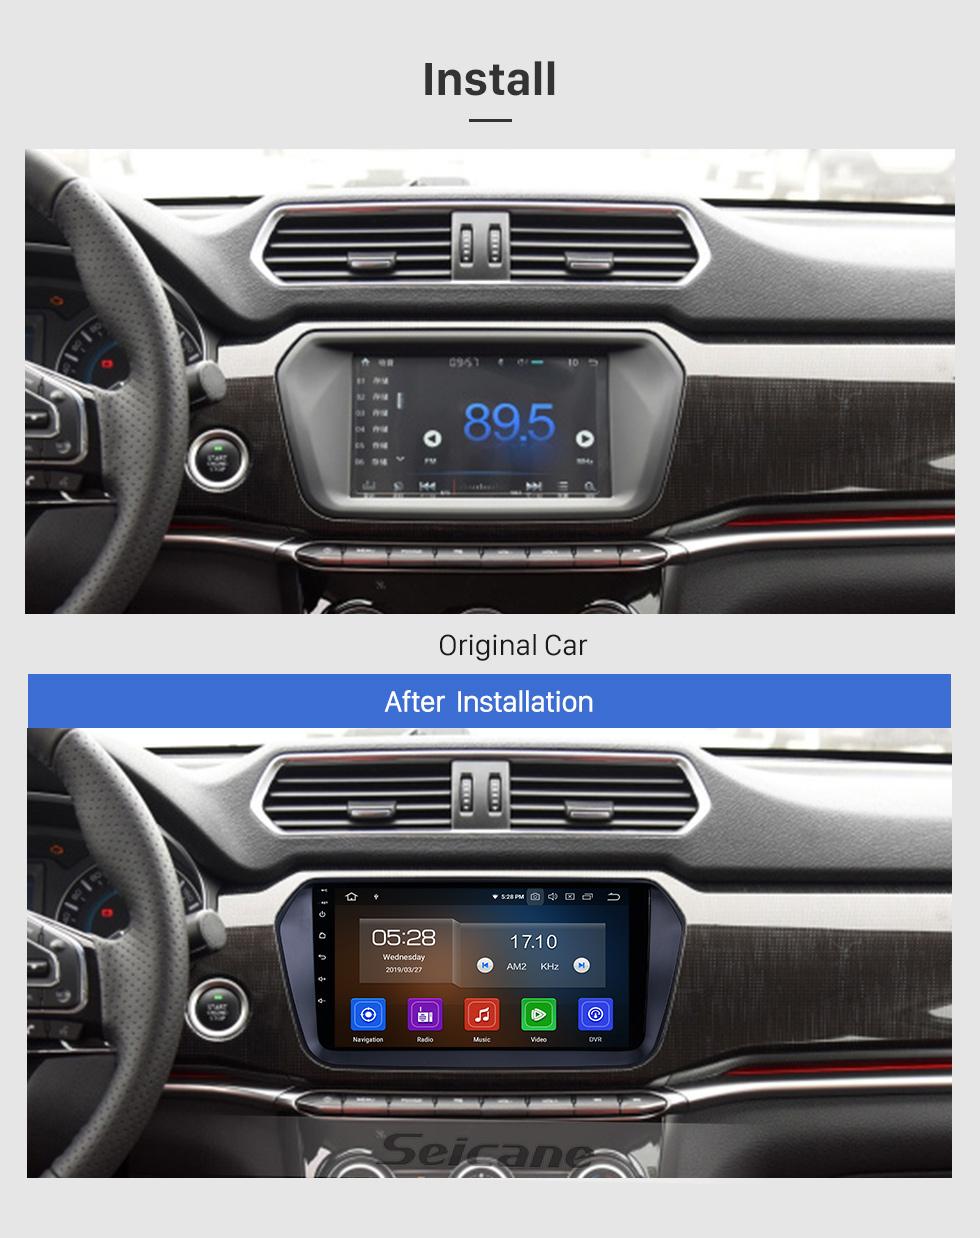 Seicane OEM 9 pouces Android 9.0 pour 2017 Great Wall Haval H2 (étiquette bleue) Radio Bluetooth HD Système de navigation GPS à écran tactile Carplay support DVR